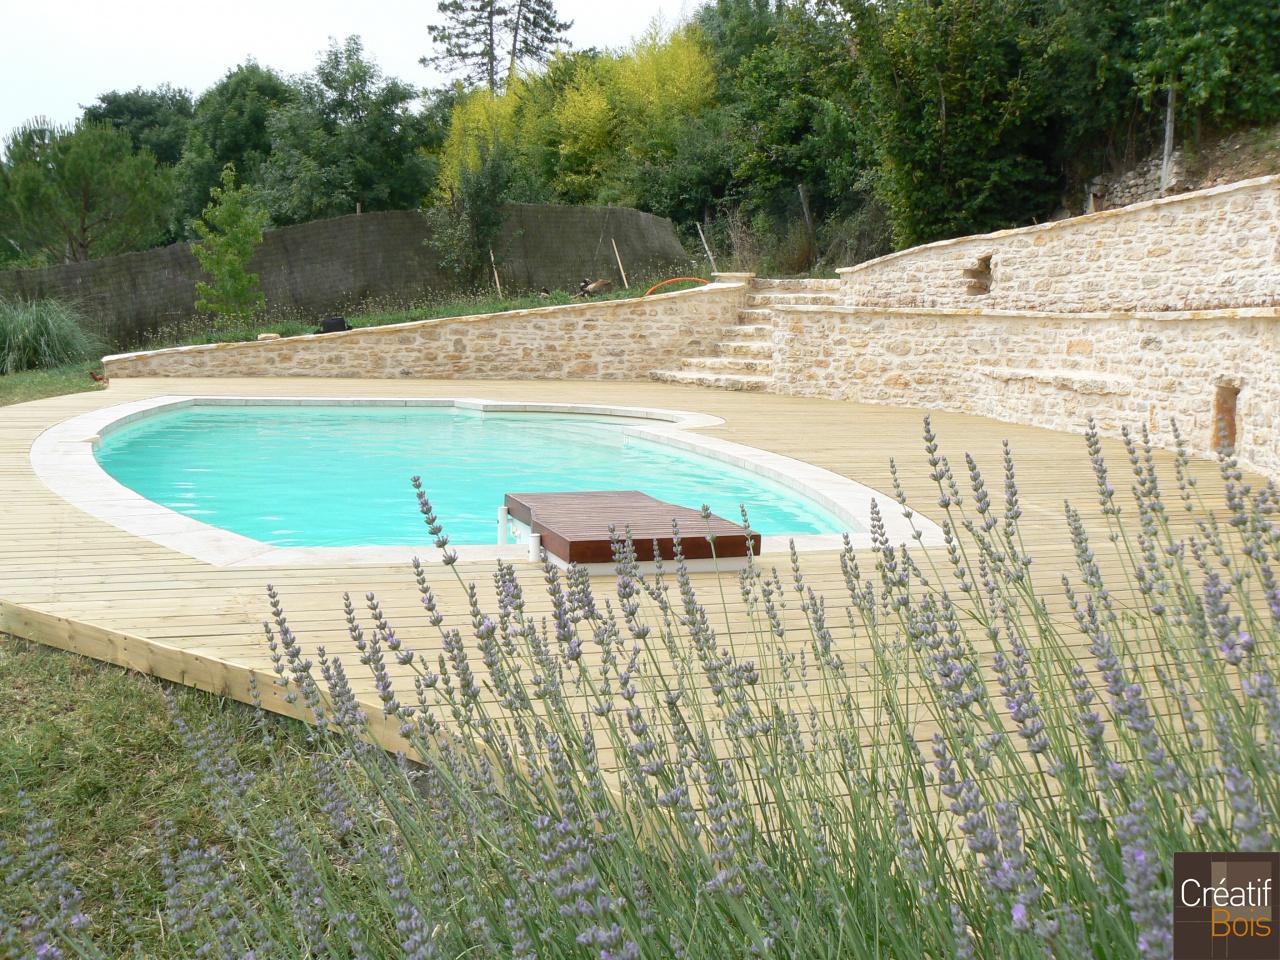 plage de piscine bois espere lot 46 plages de piscine. Black Bedroom Furniture Sets. Home Design Ideas